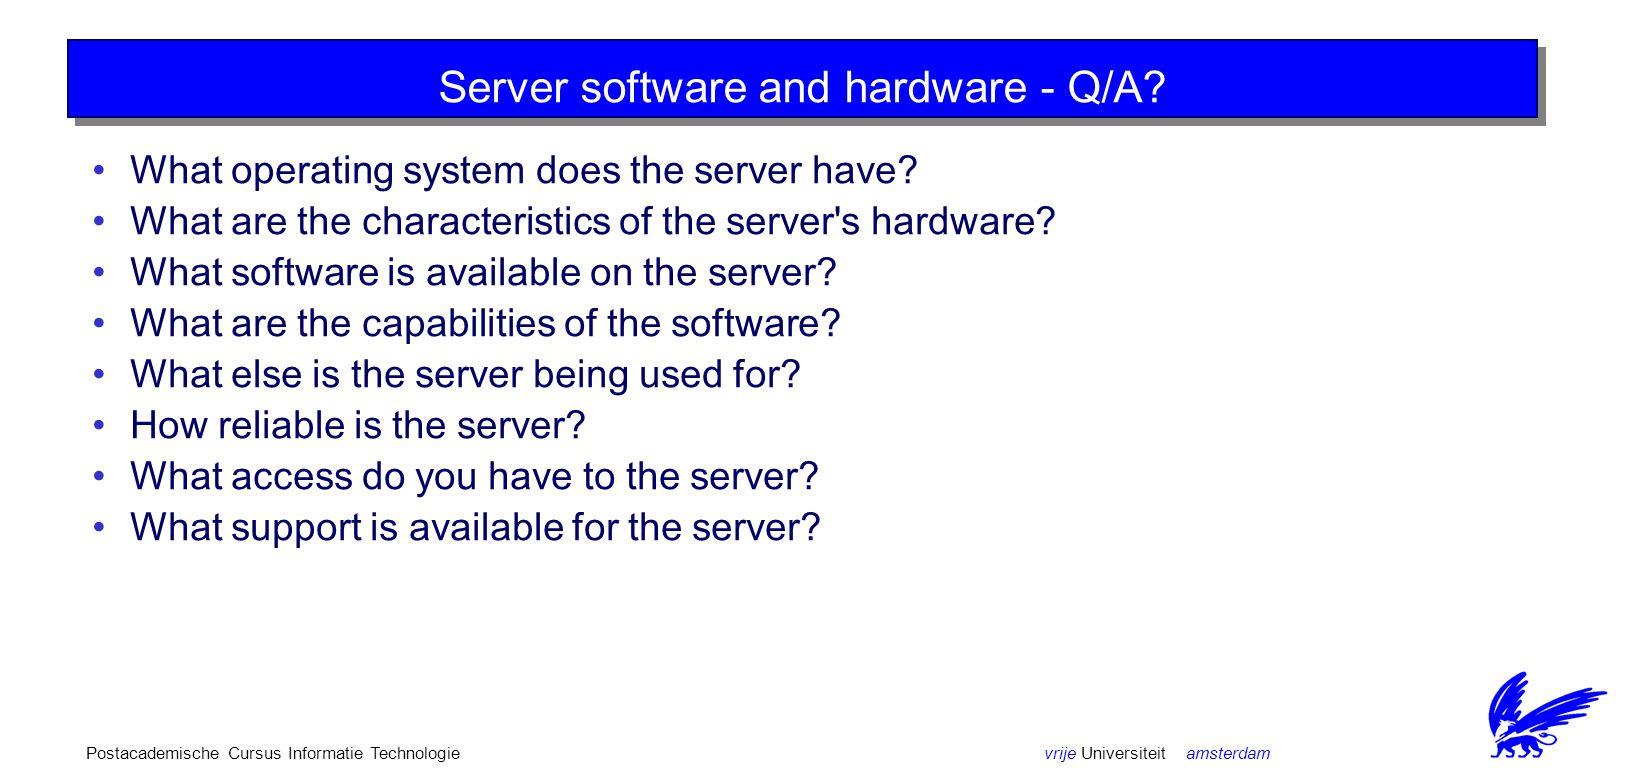 vrije Universiteit amsterdamPostacademische Cursus Informatie Technologie Client software and hardware - Q/A.